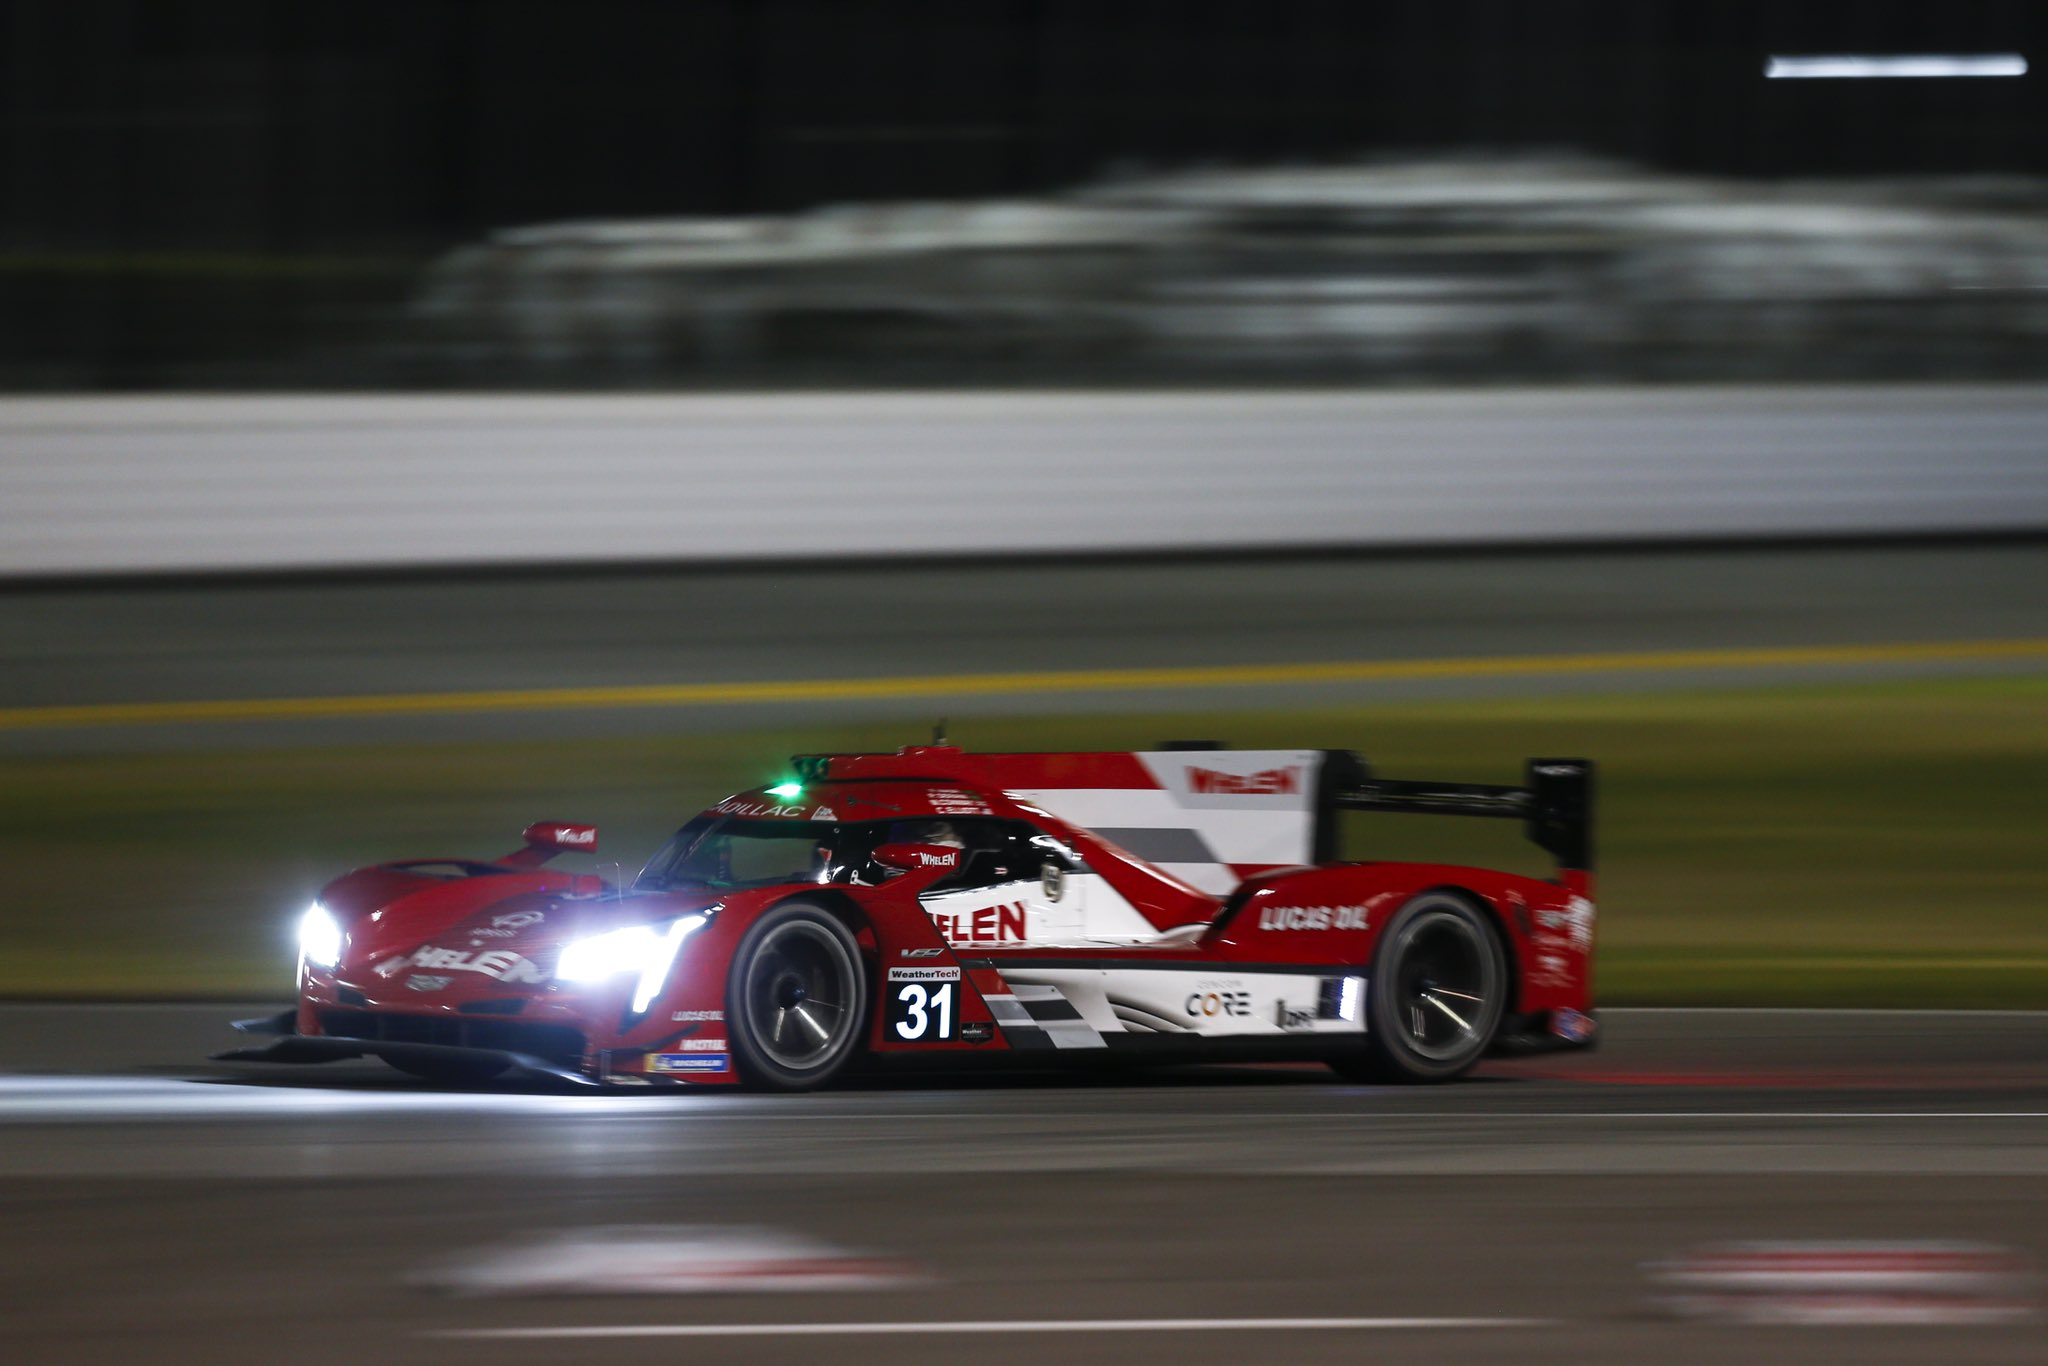 Az AXR-é lett a pole a Daytona 24 fennállásának első kvalifikációs futamán